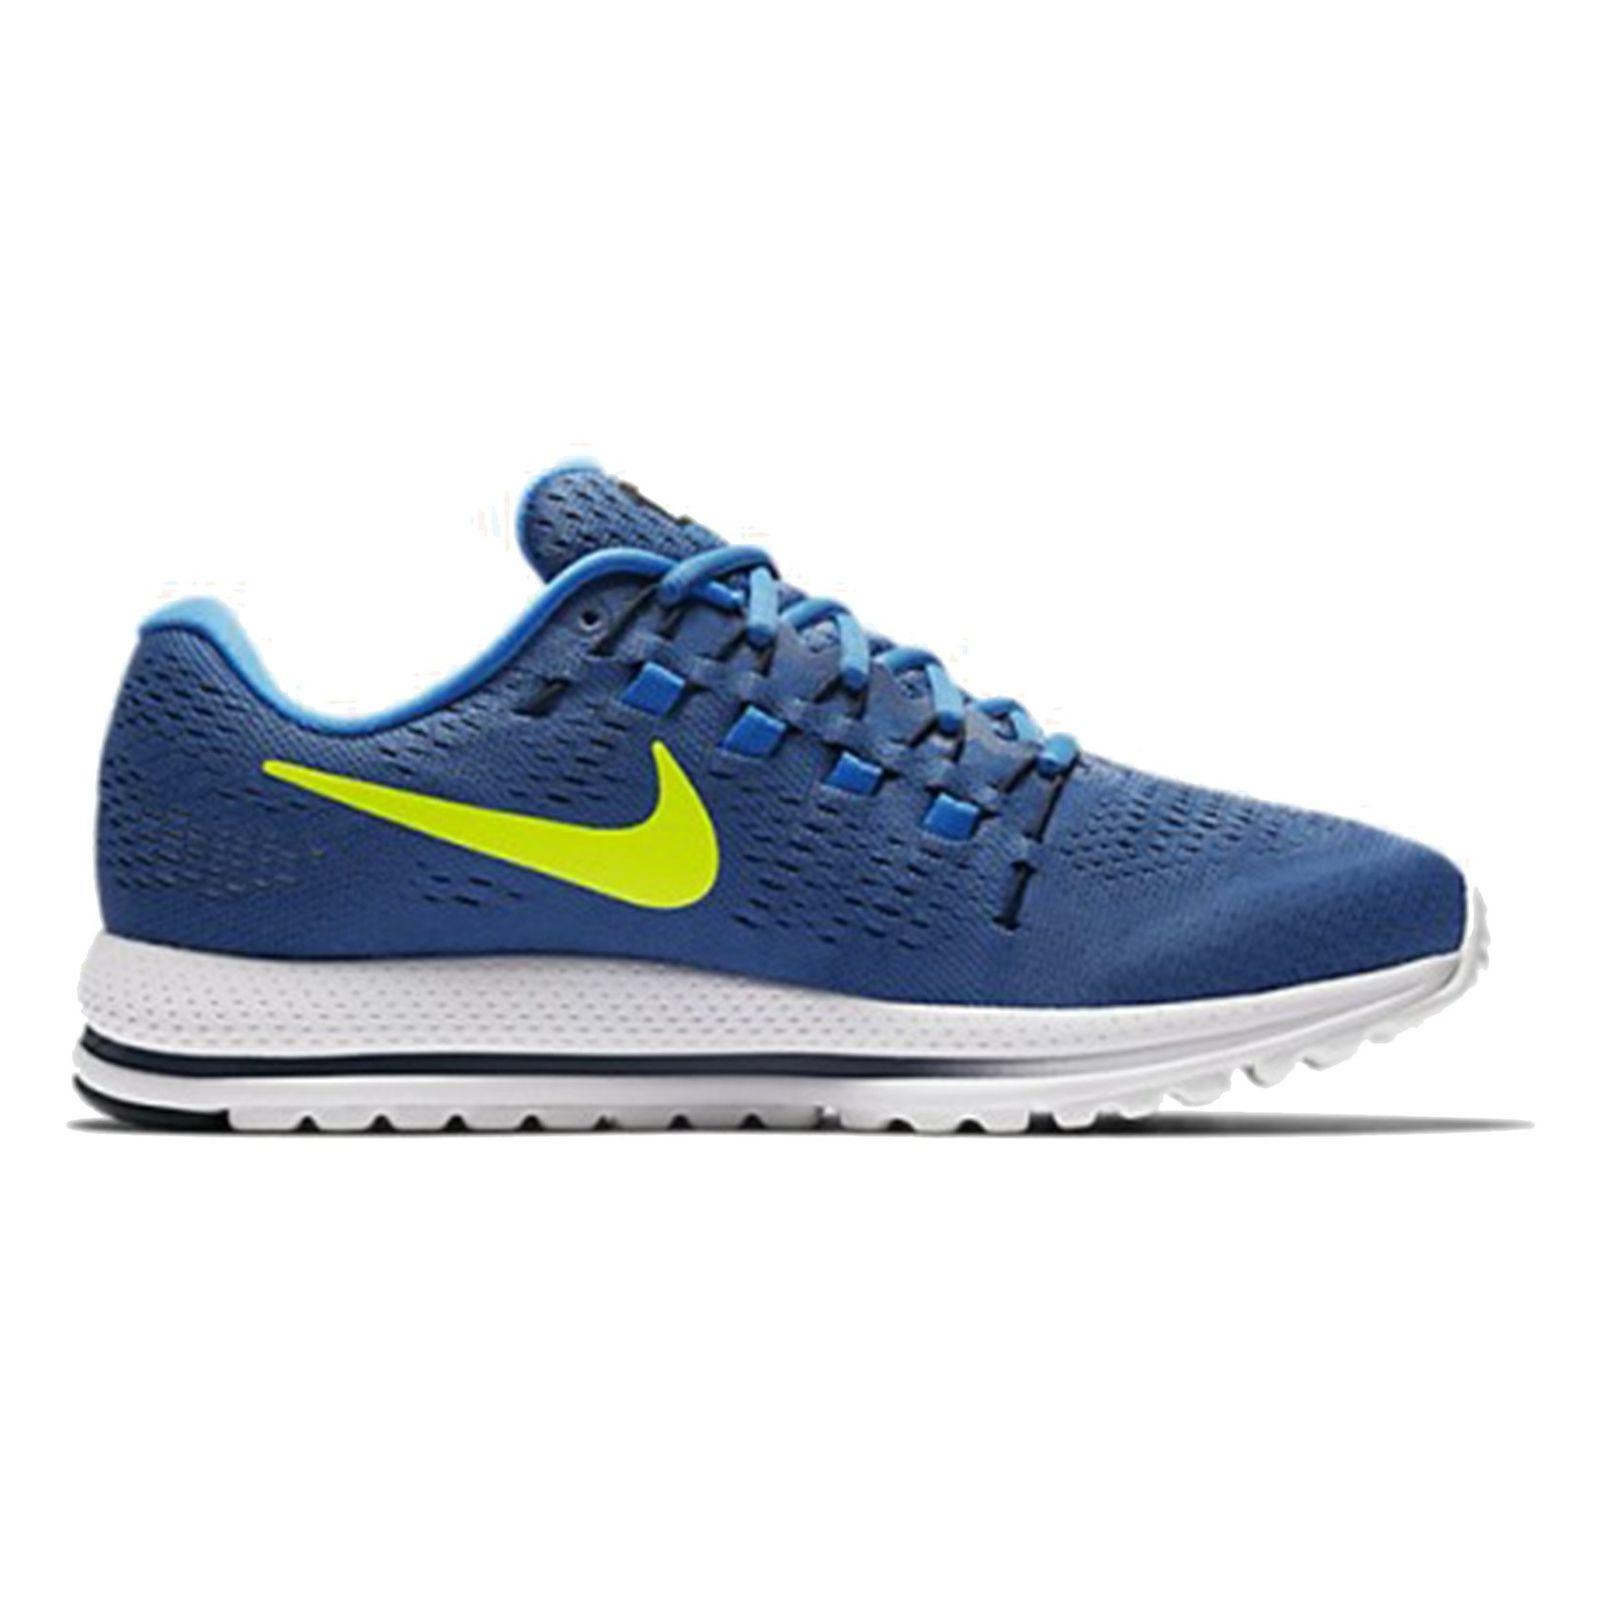 کفش دویدن بندی مردانه Air Zoom Vomero 12 - نایکی - آبي تيره - 3